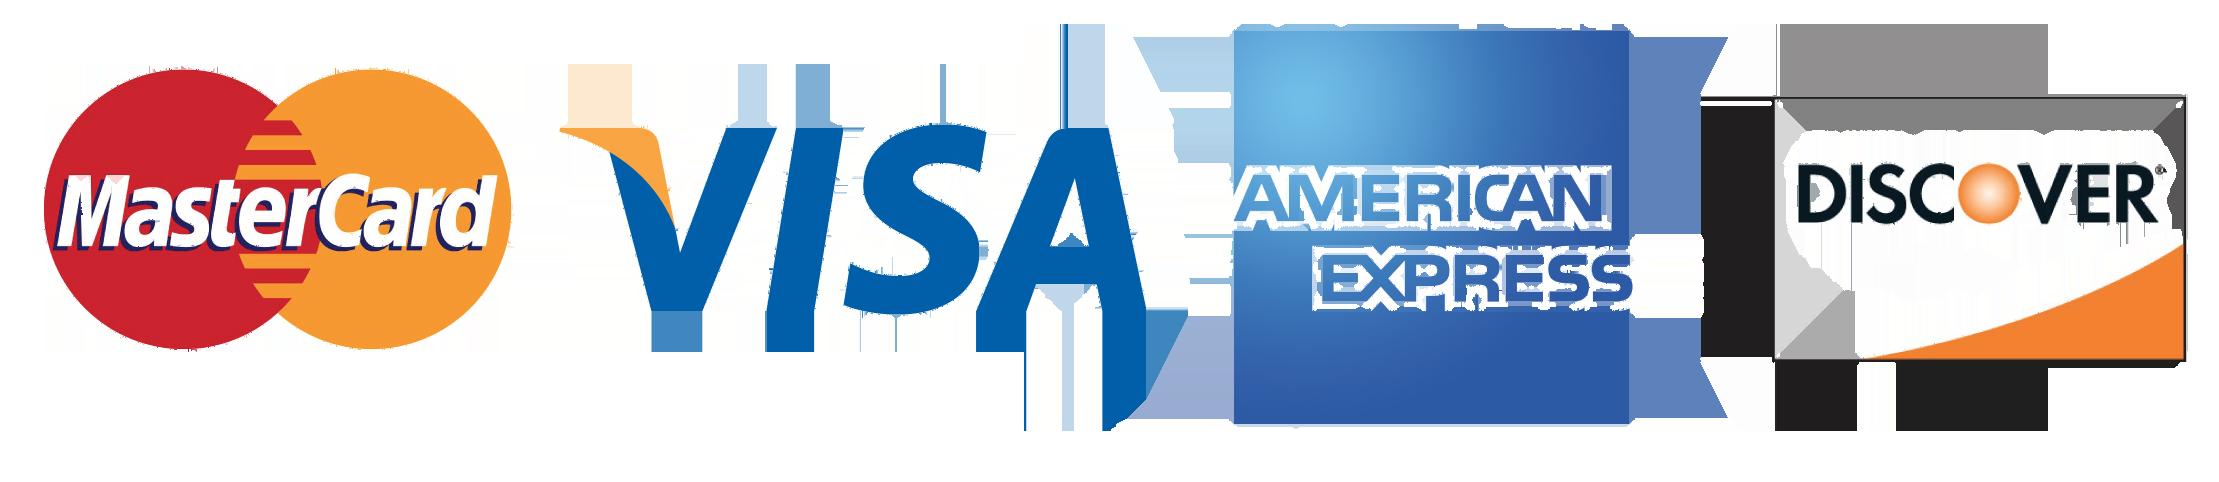 creditcard transparent logo